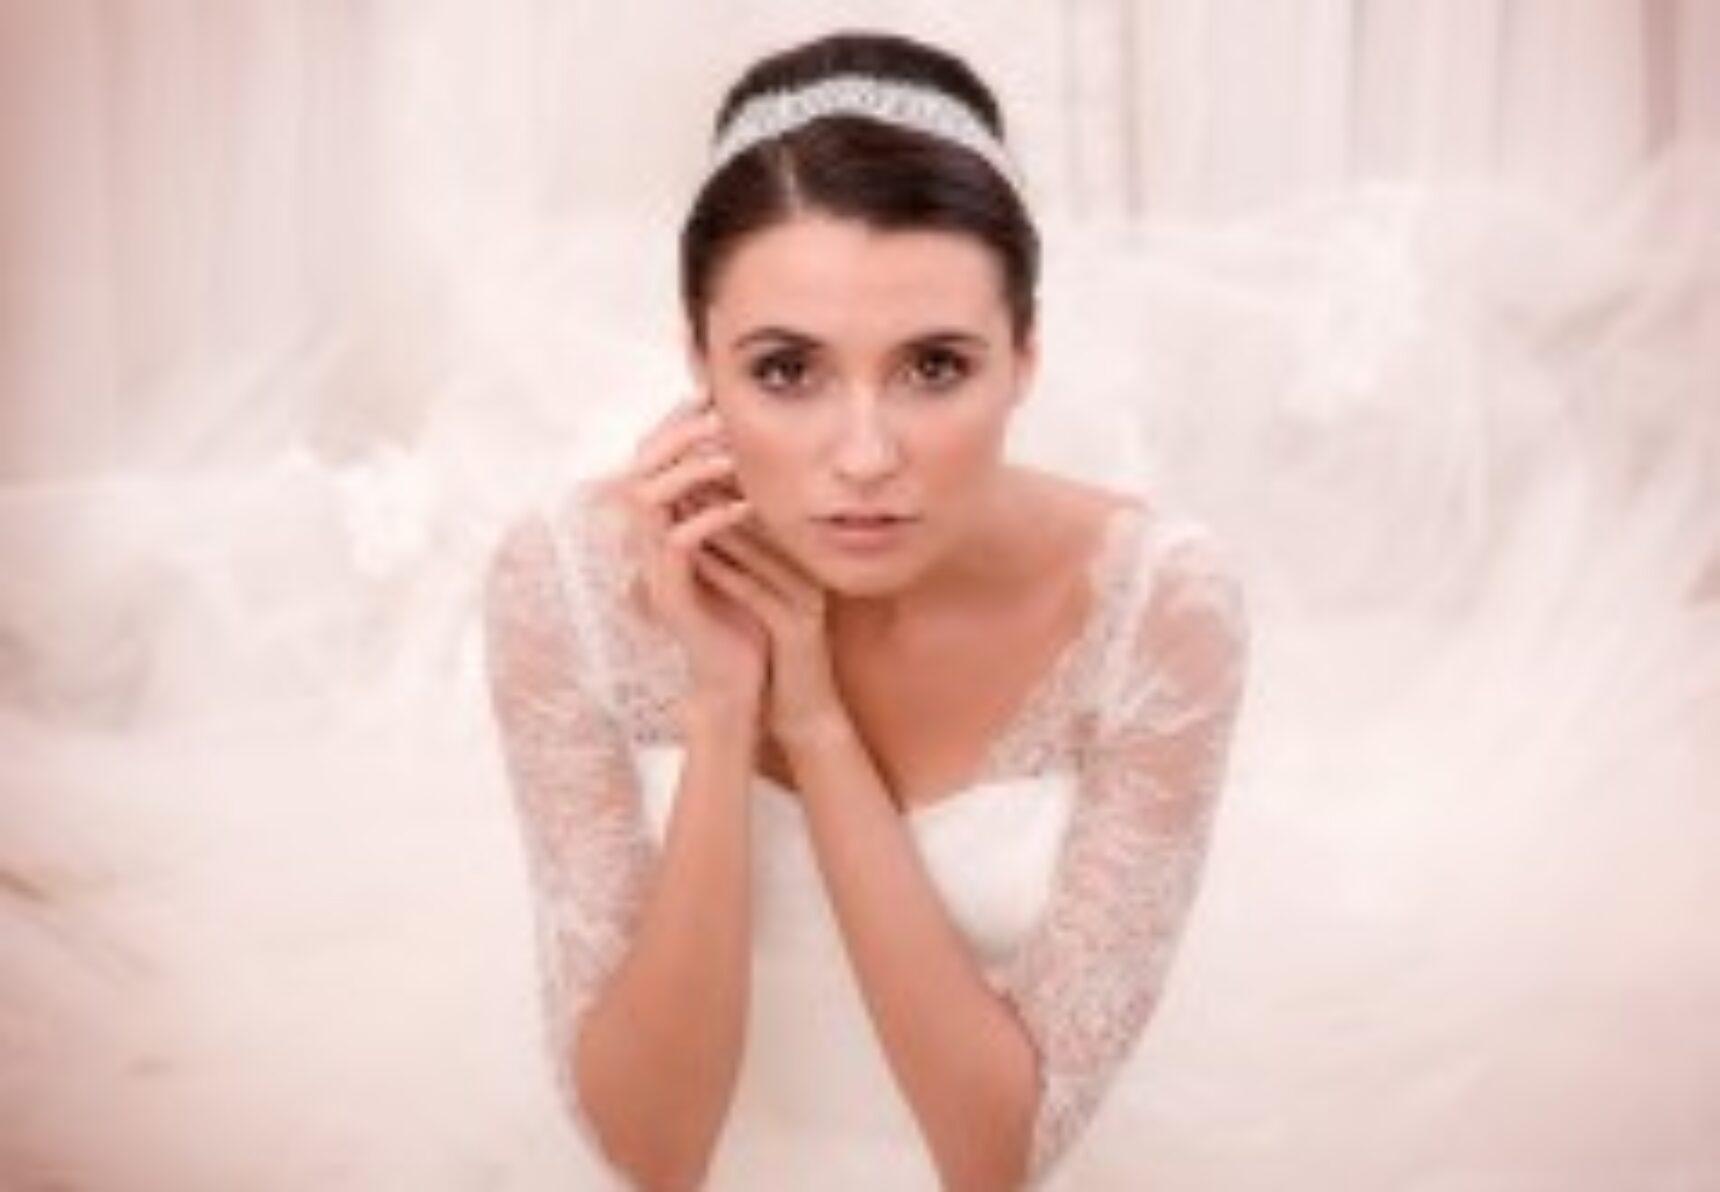 Ozdoba ślubna zamiast welonu – woalka, opaska, toczek czy wianek?